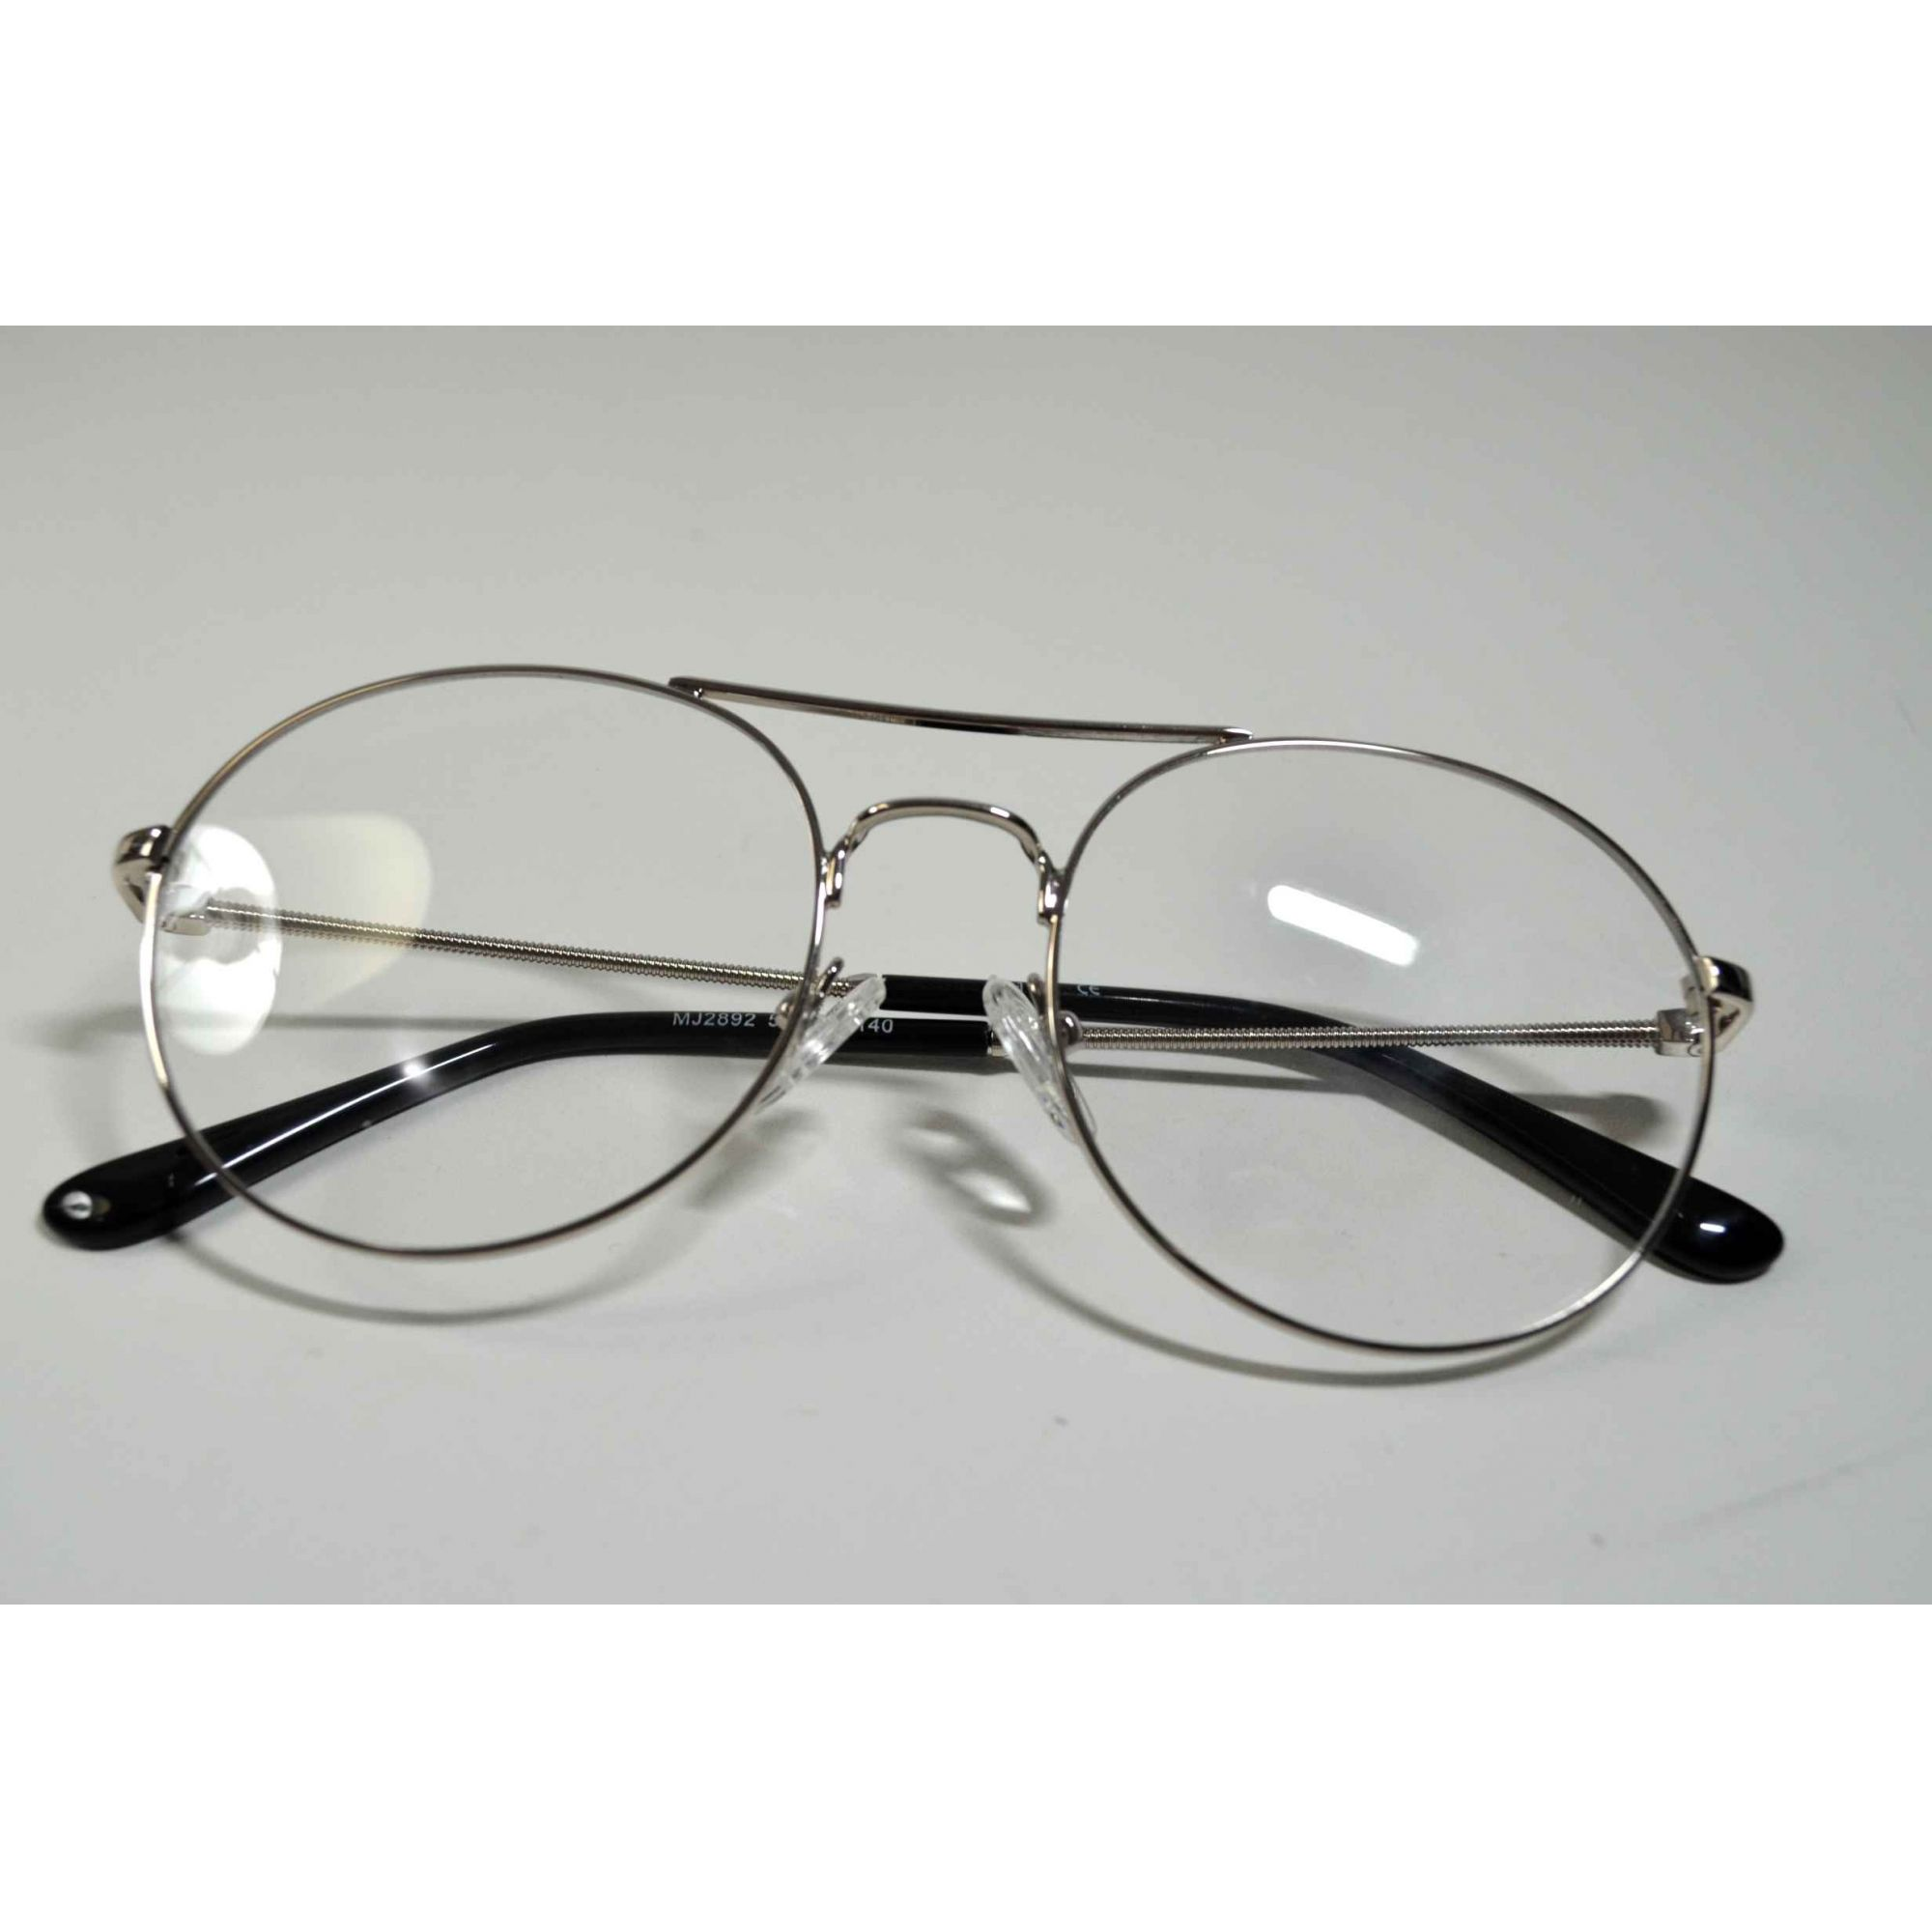 6f953719147a2 ... Armação Óculos Grau Feminino Redondo Vintage Wiikglass 2018 ...